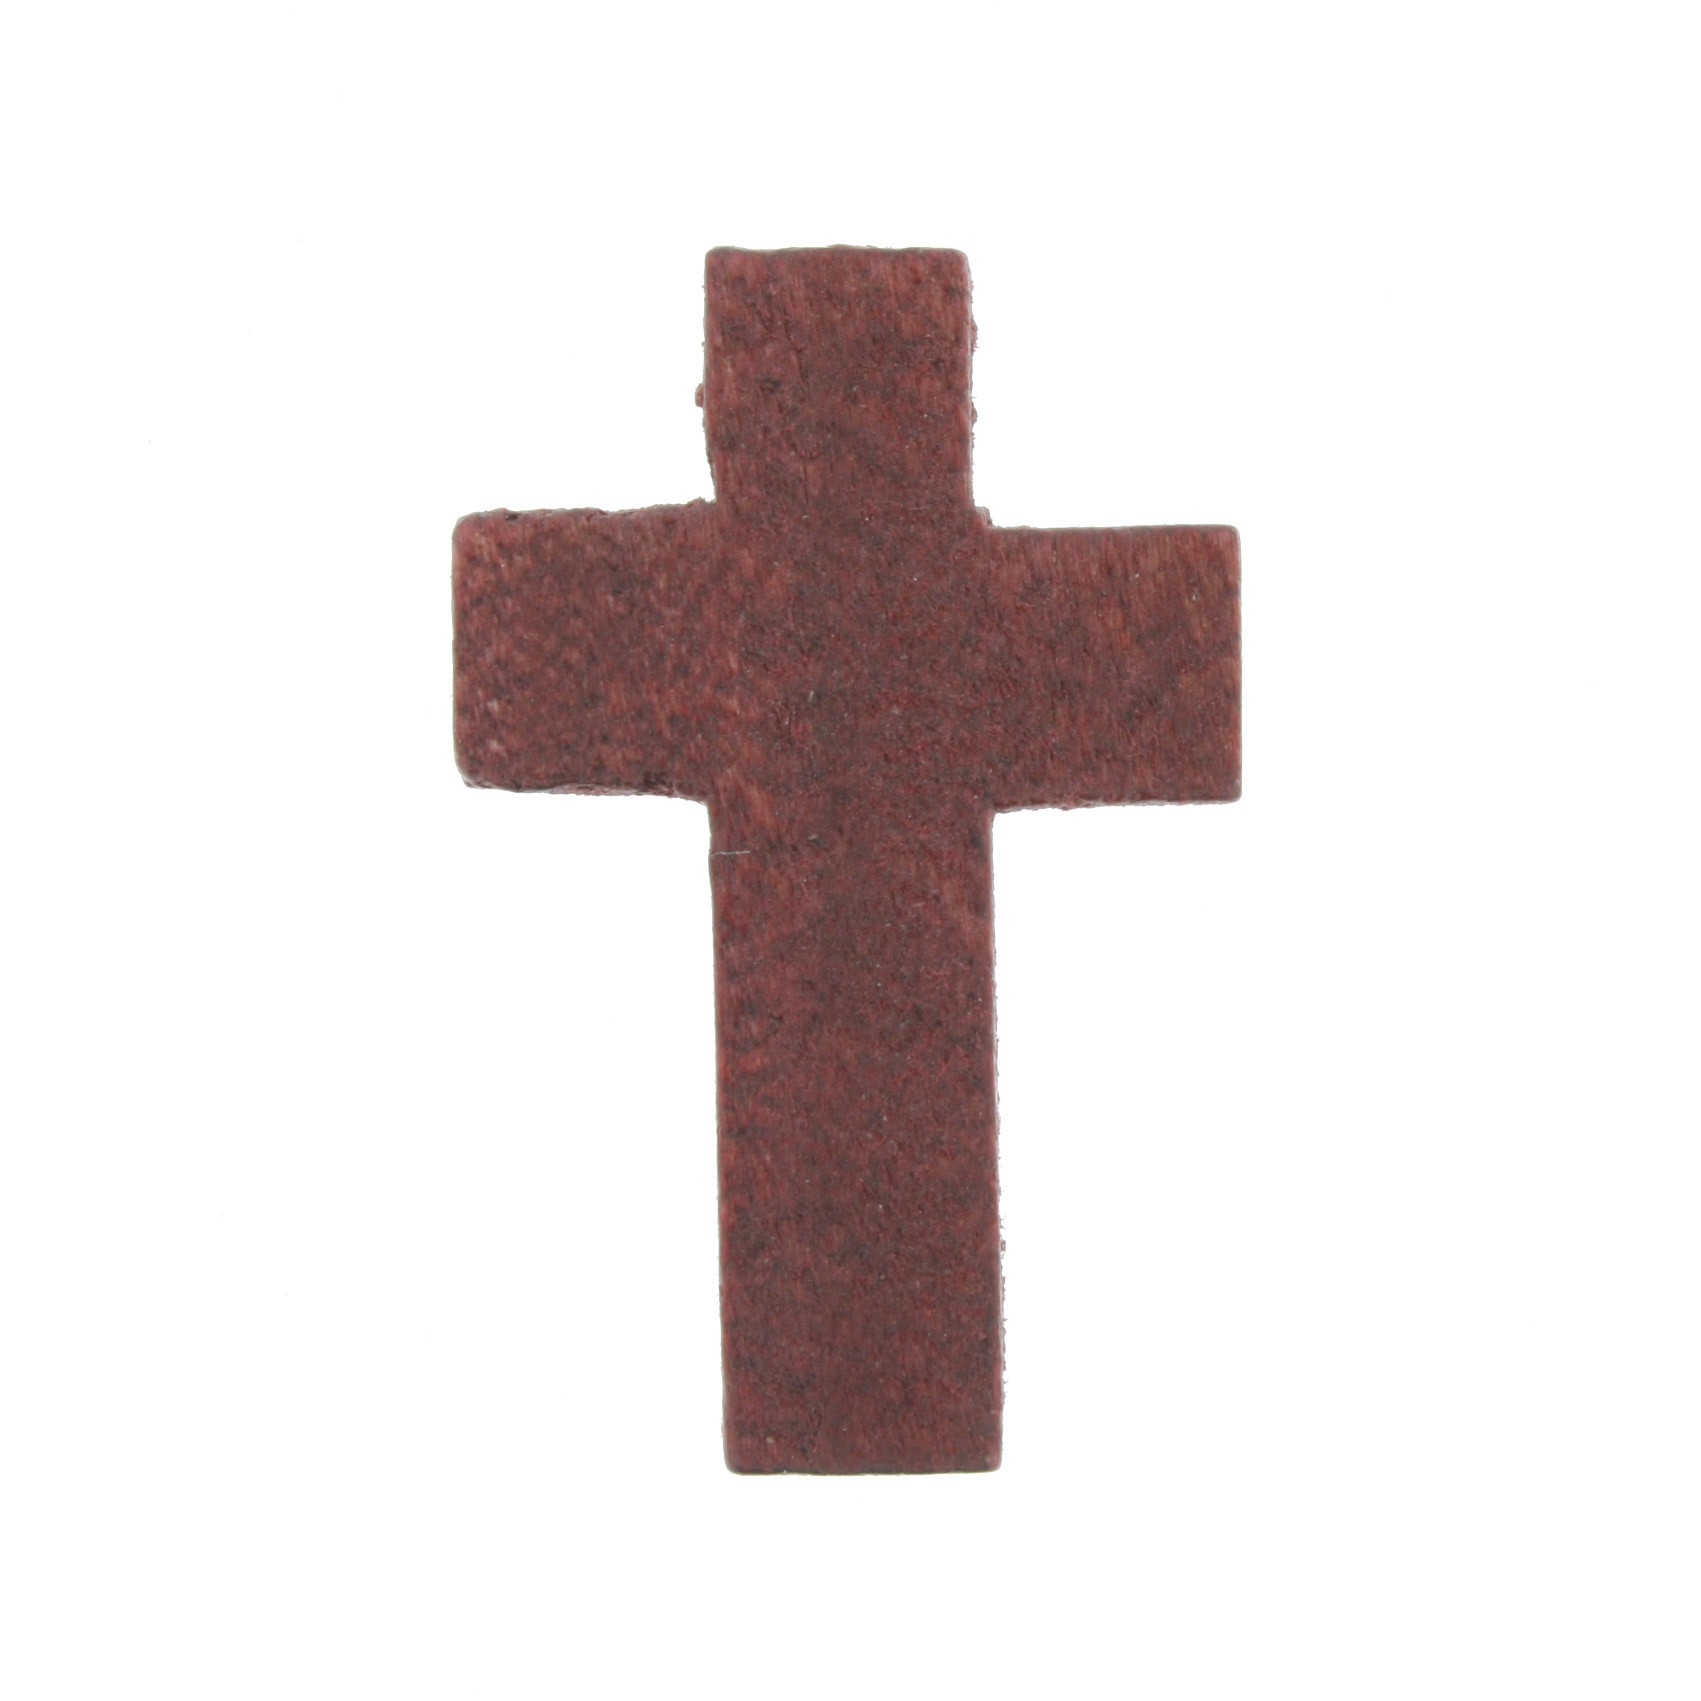 Crucifixo Madeira - Mogno - 34mm  - Universo Religioso® - Artigos de Umbanda e Candomblé